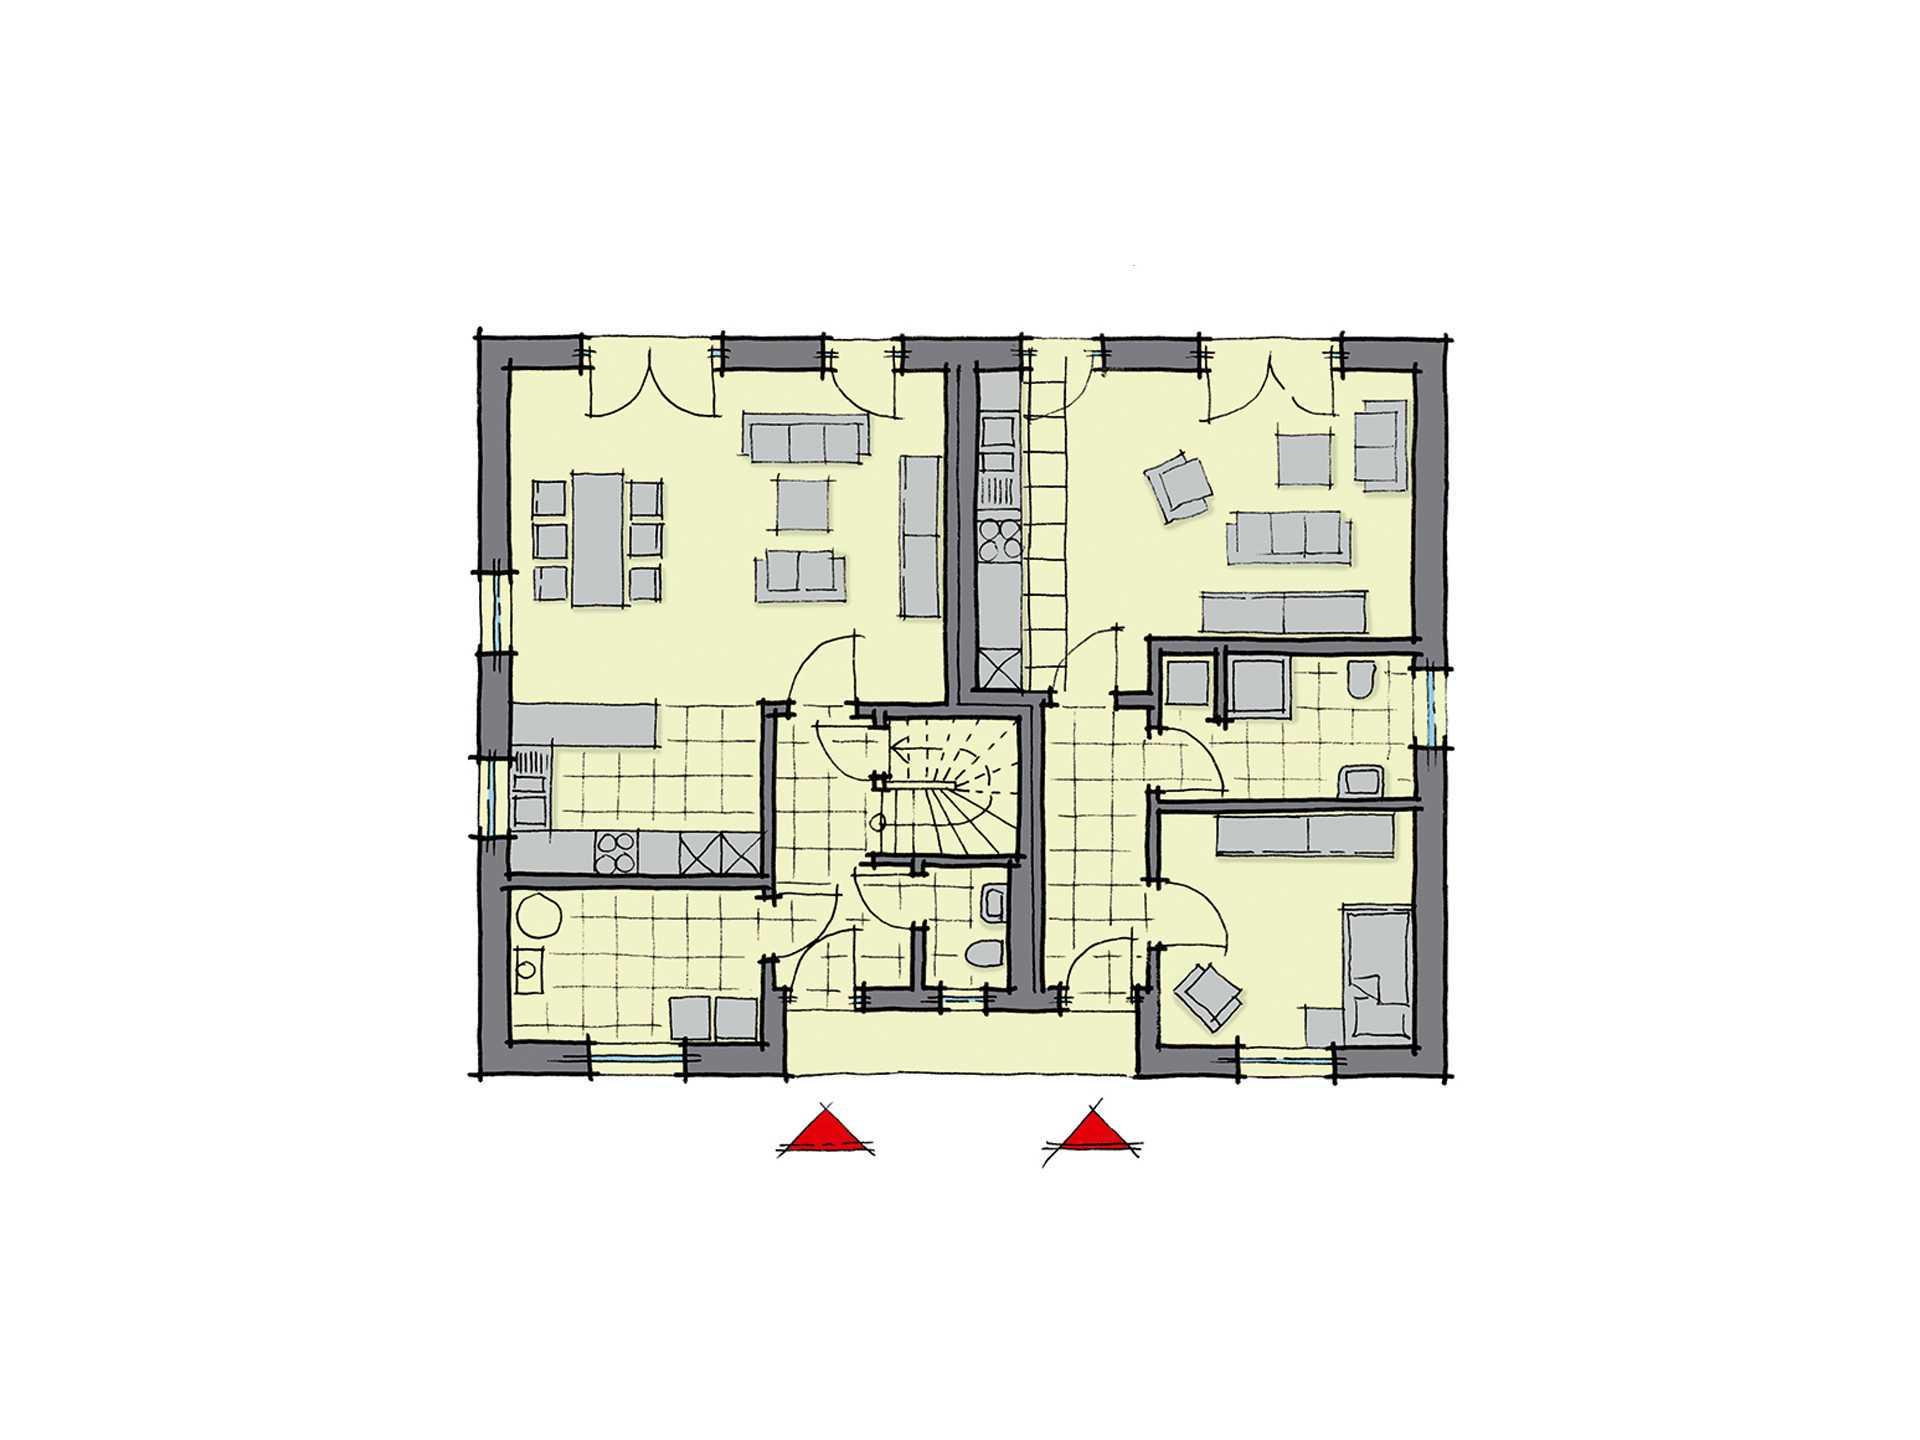 Einfamilienhaus lugano mit einliegerwohnung gussek haus for Muster grundrisse haus